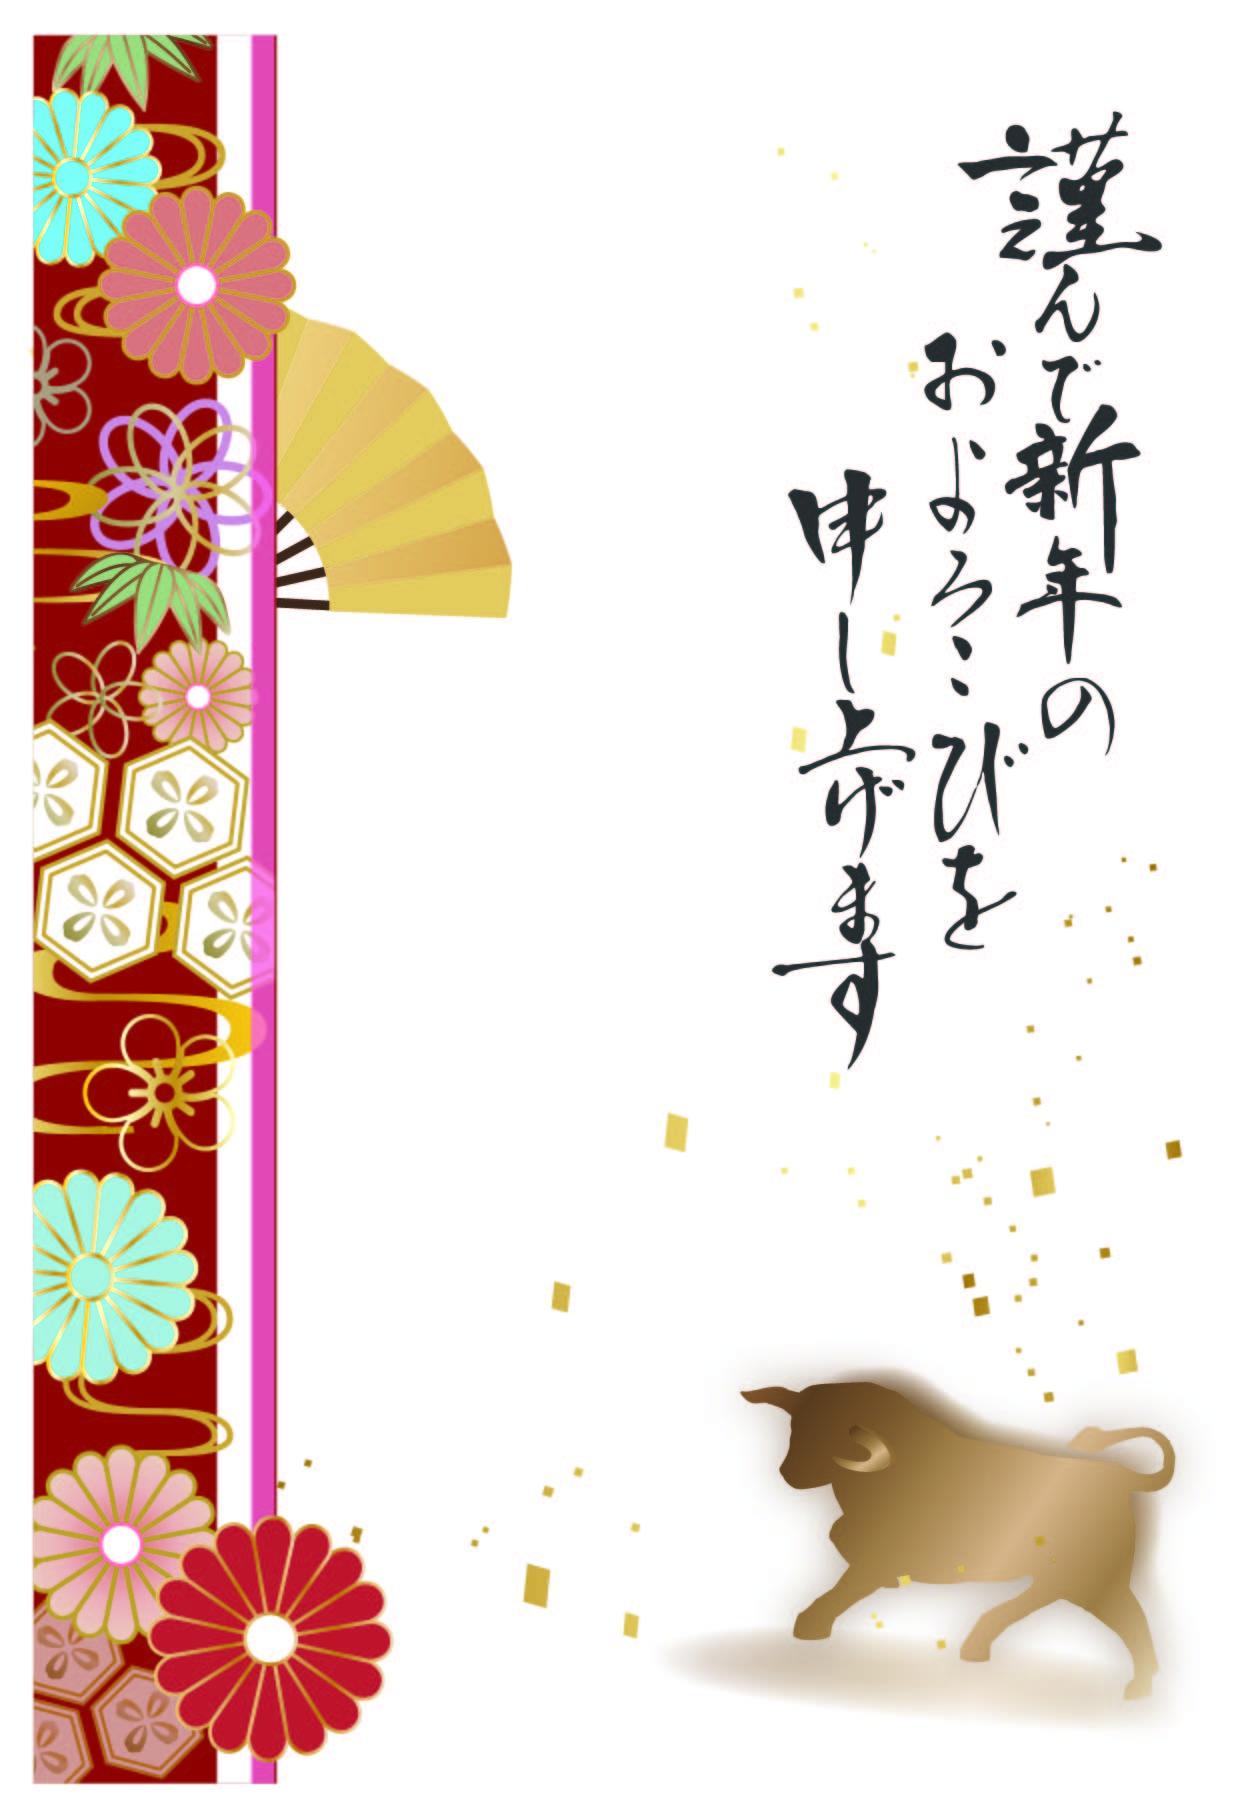 和風の筆文字風フォント!新年の挨拶入り年賀状テンプレート無料